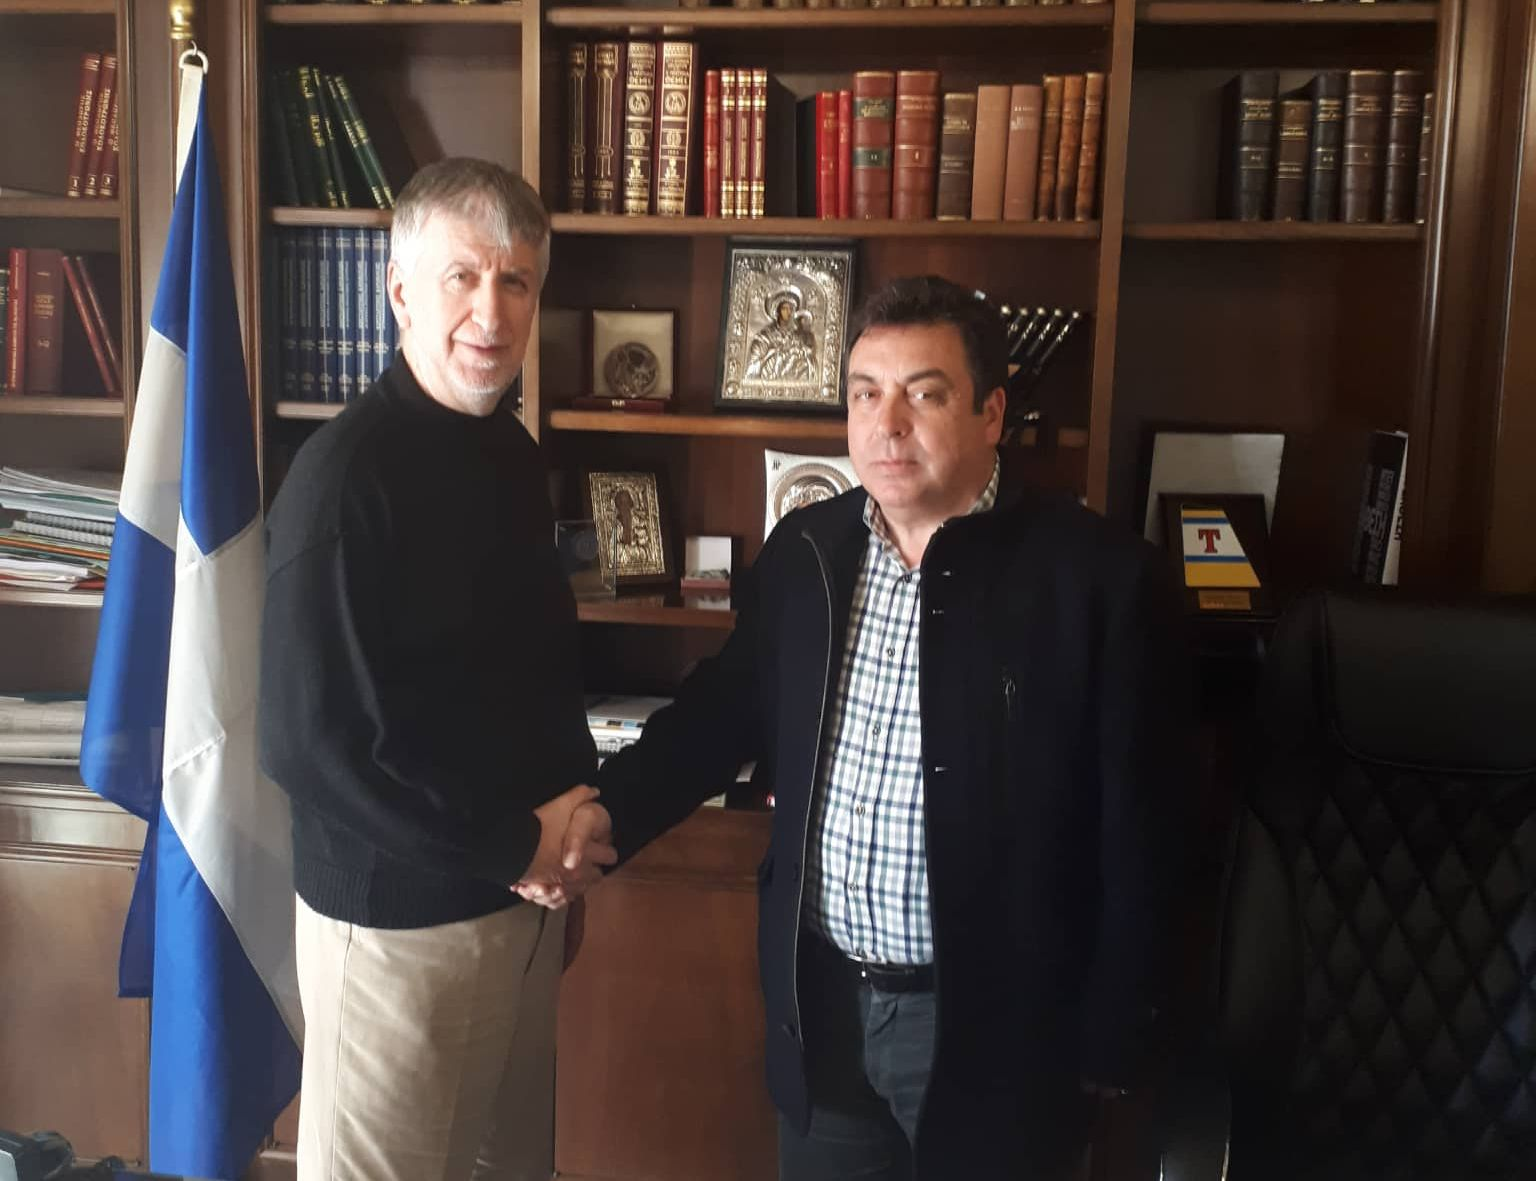 Δήμος Πύργου: Ο Δημήτρης Κορίζης του Ιωάννου ορίστηκε άμισθος Σύμβουλος του δημάρχου σε θέματα Πολιτισμού